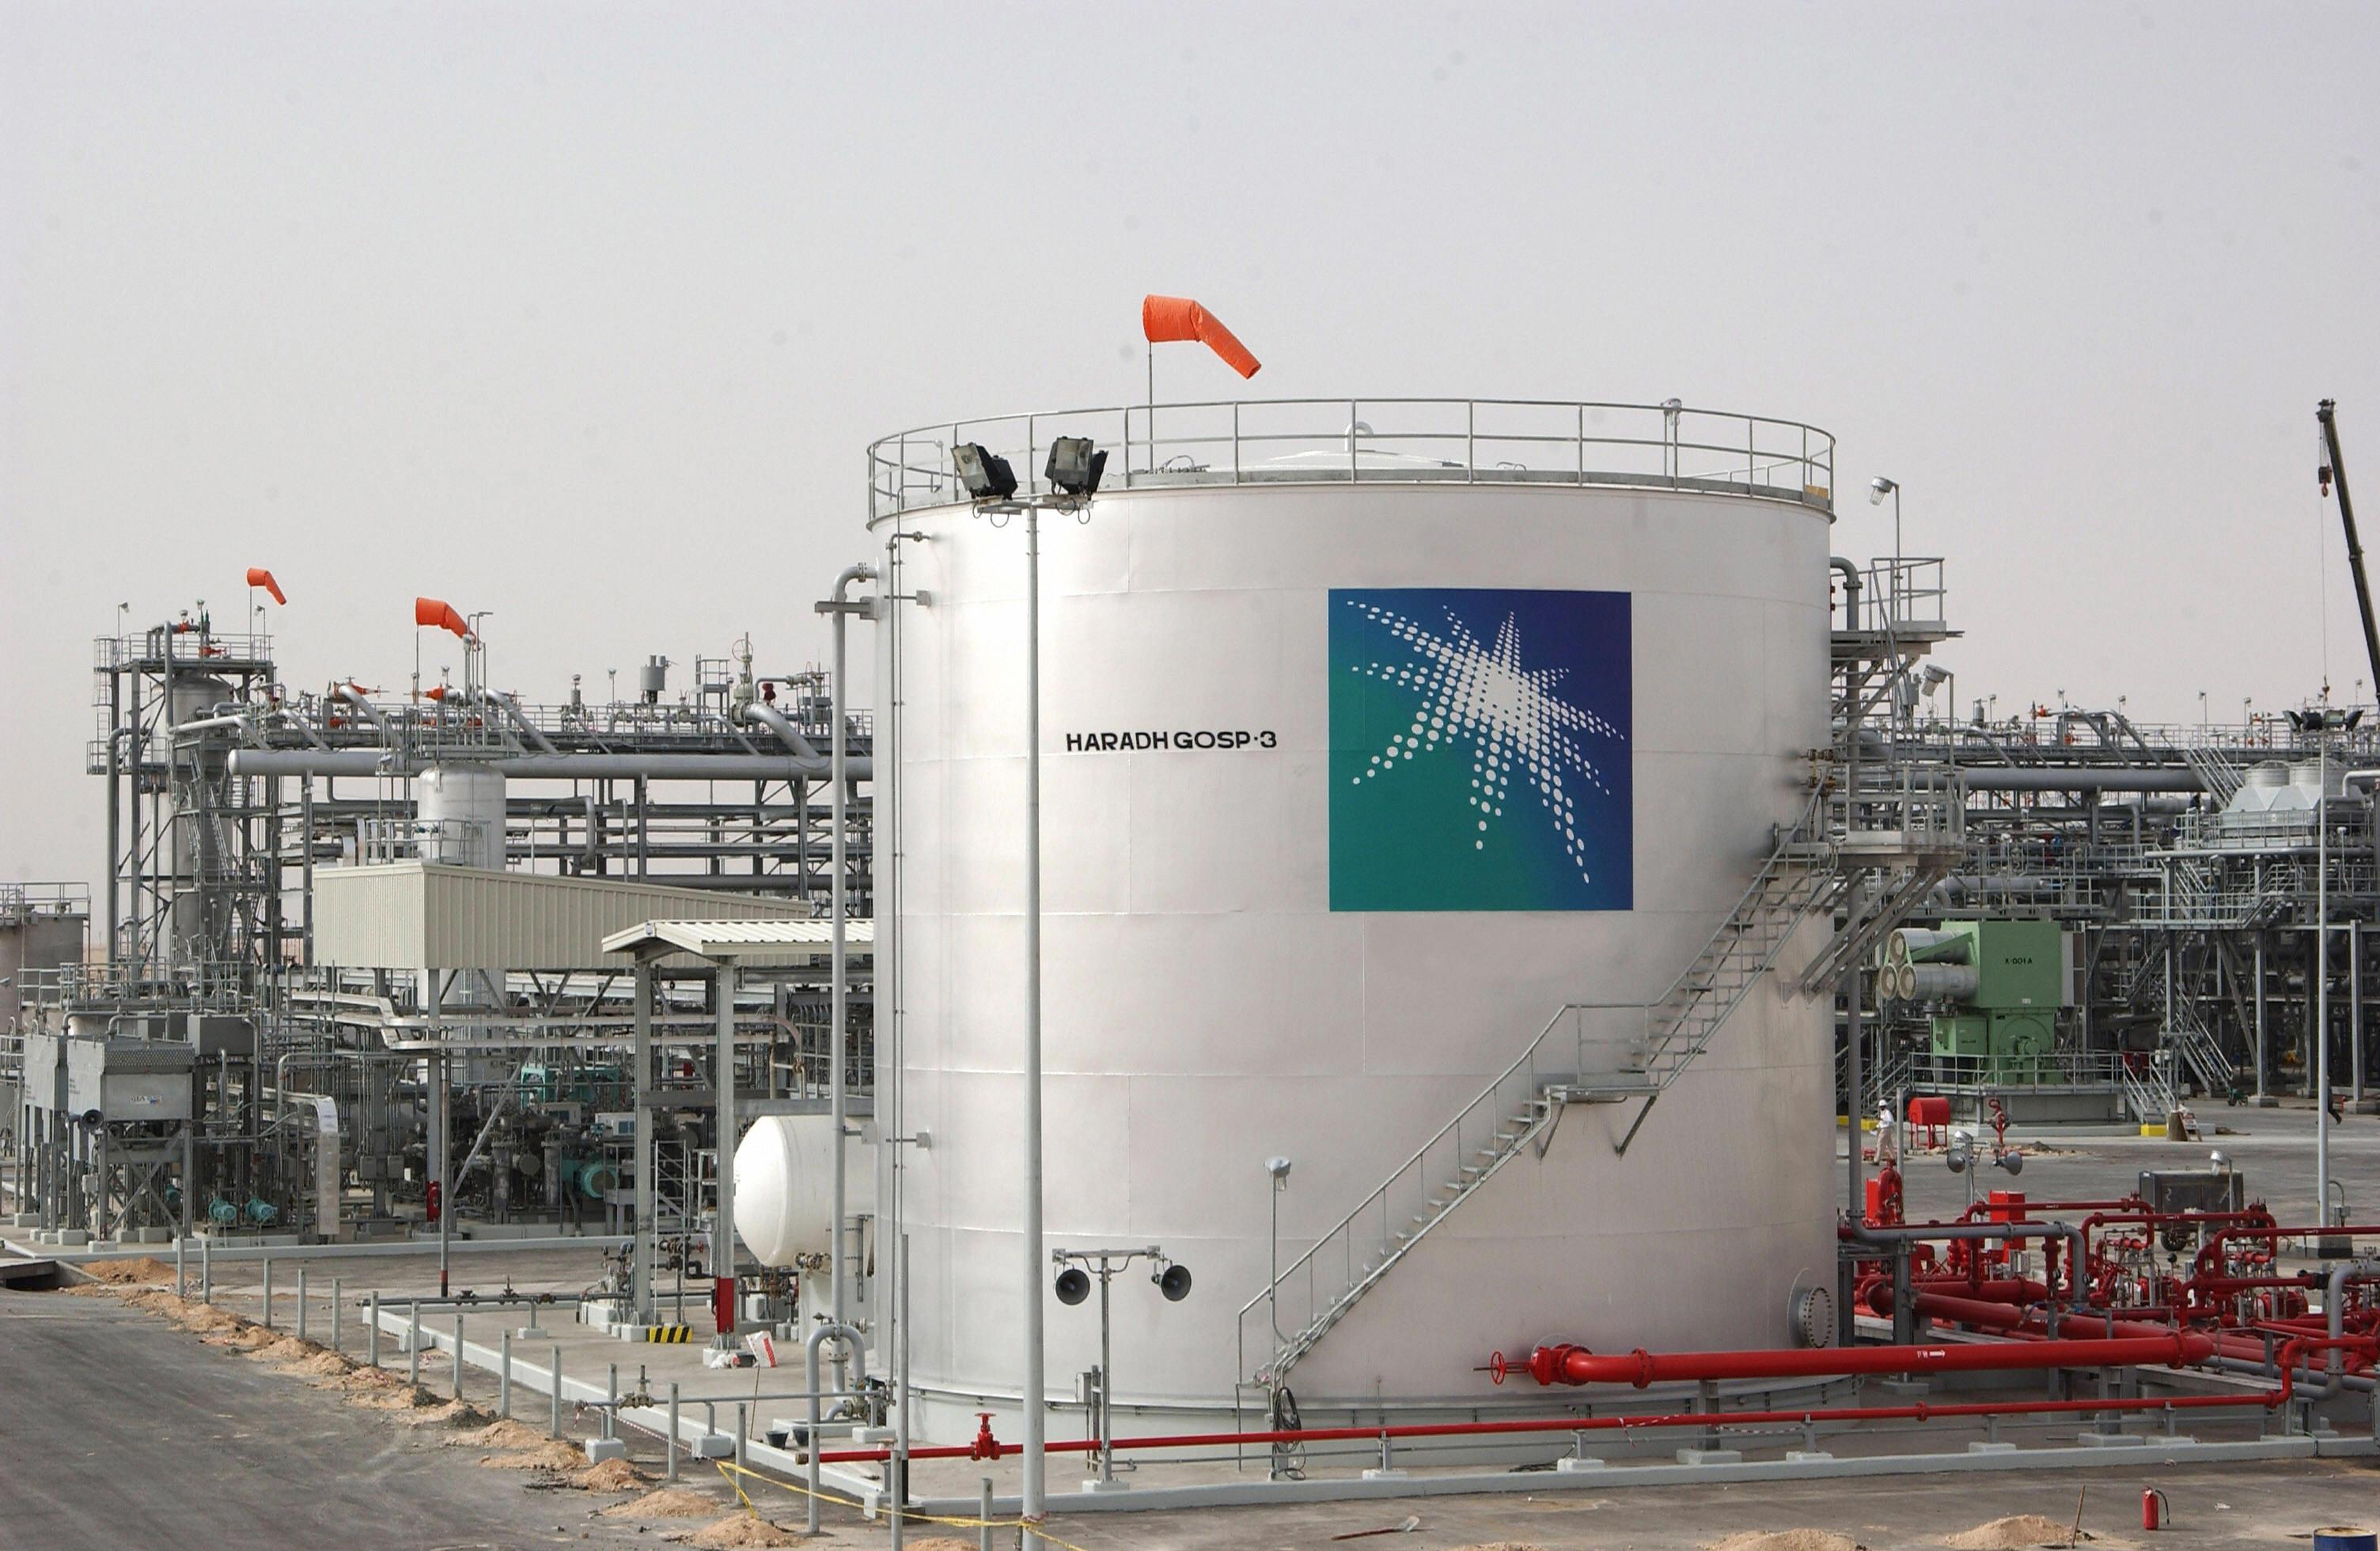 تأكيد خارجي لاحتياطيات النفط لدى أرامكو السعودية